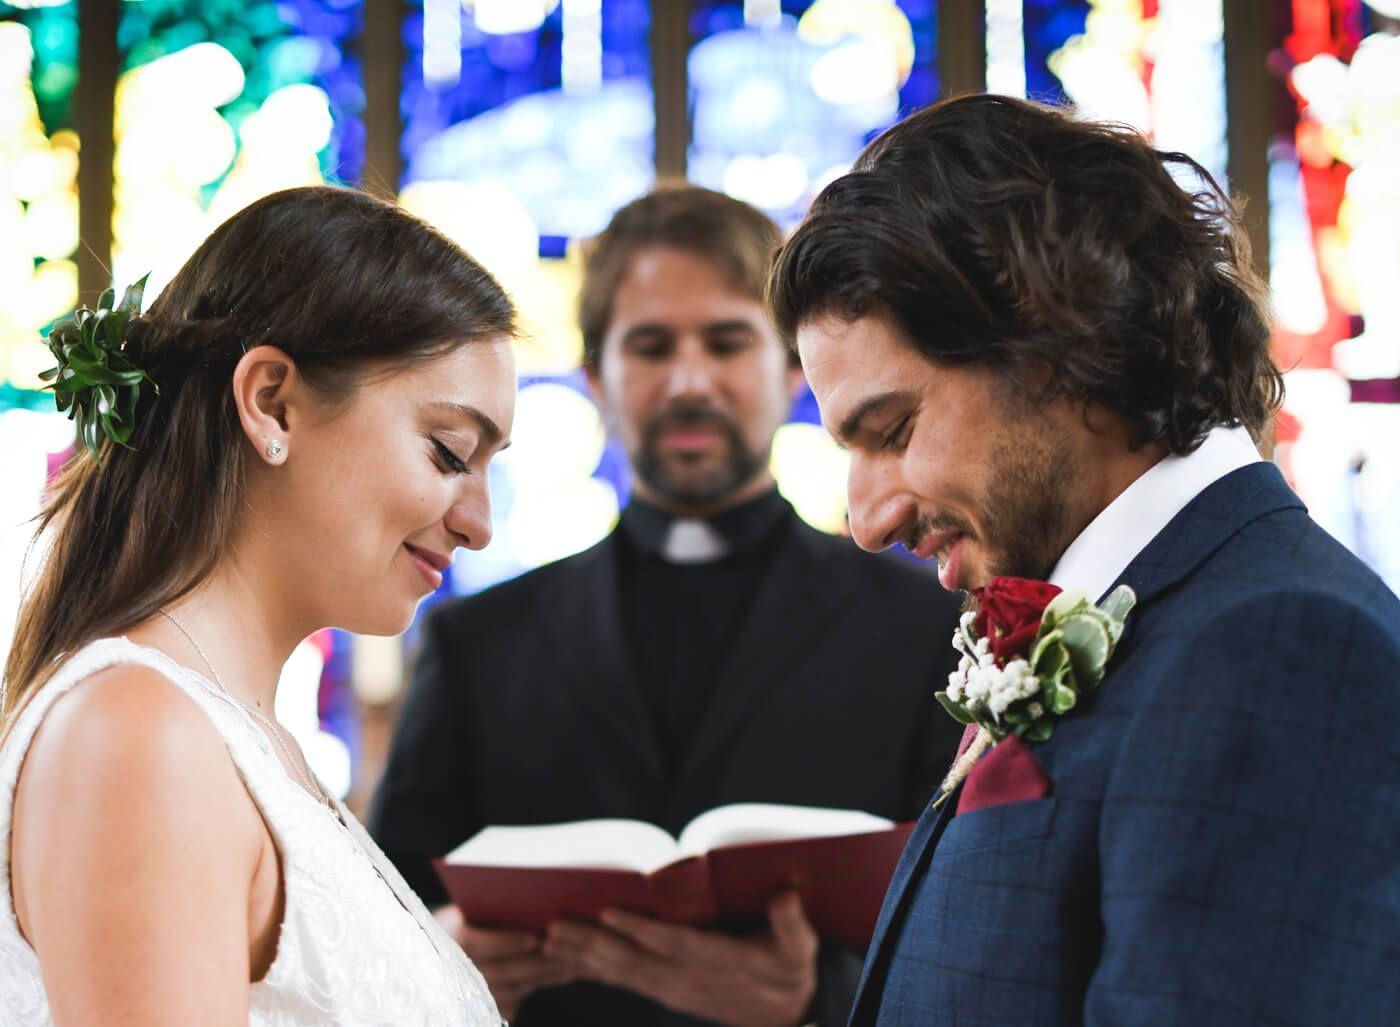 Die Besten Kirchenlieder Fur Einzug Ringtausch Und Auszug Im Uberblick Kirchenlieder Hochzeit Musik Hochzeit Hochzeitsmusik